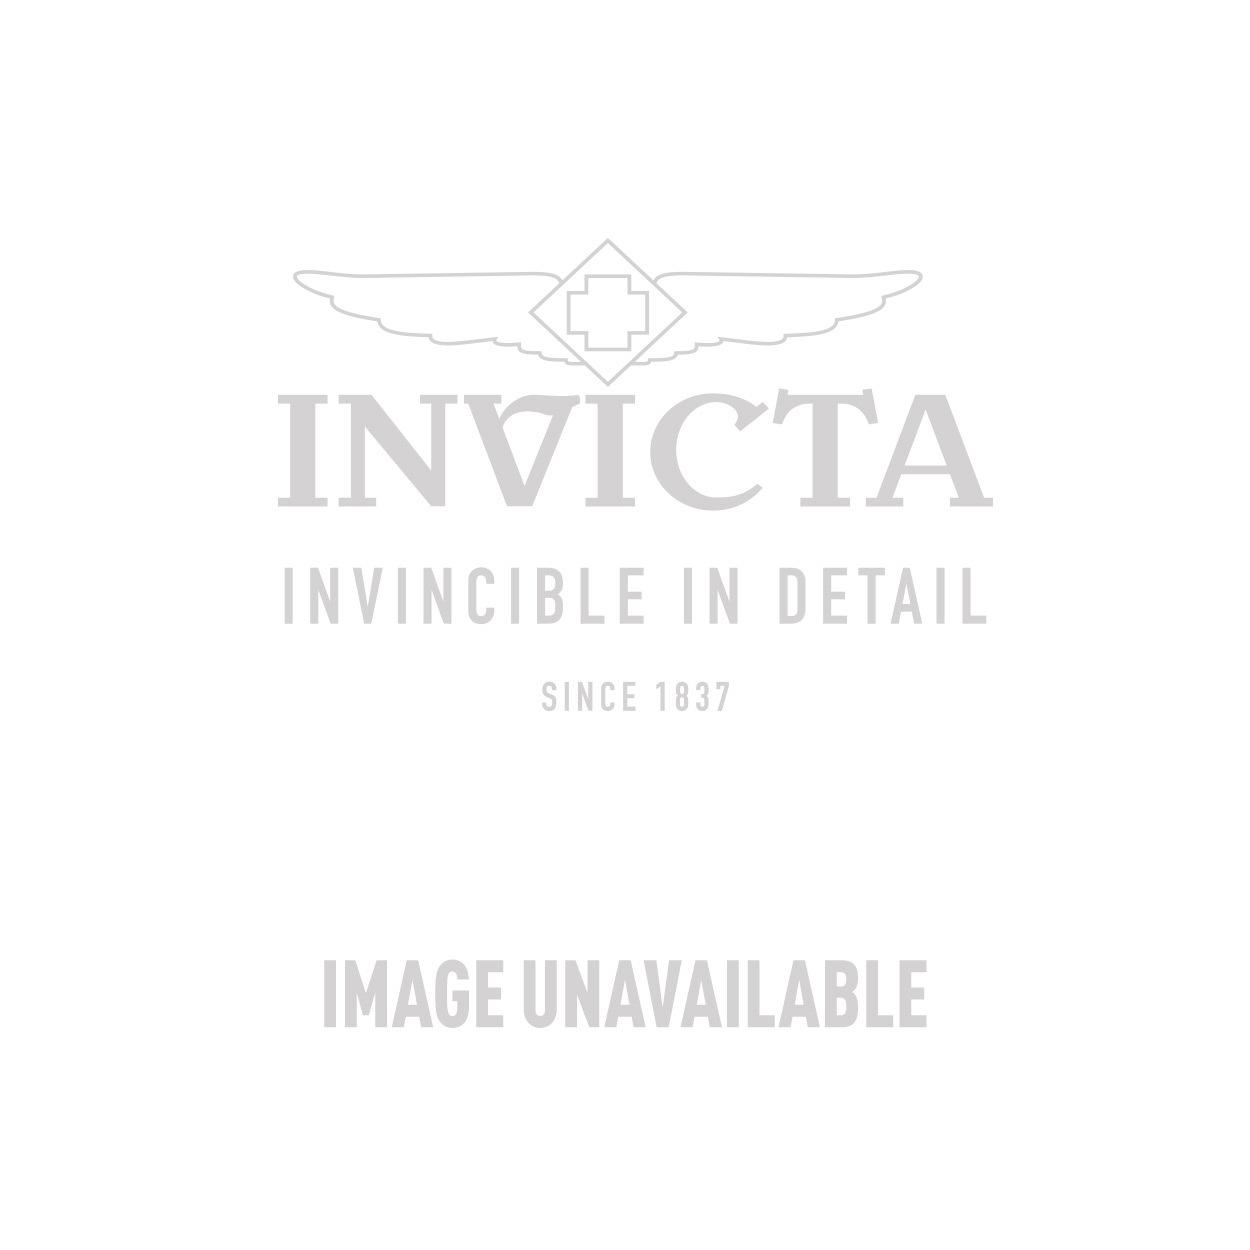 Invicta Model 24639